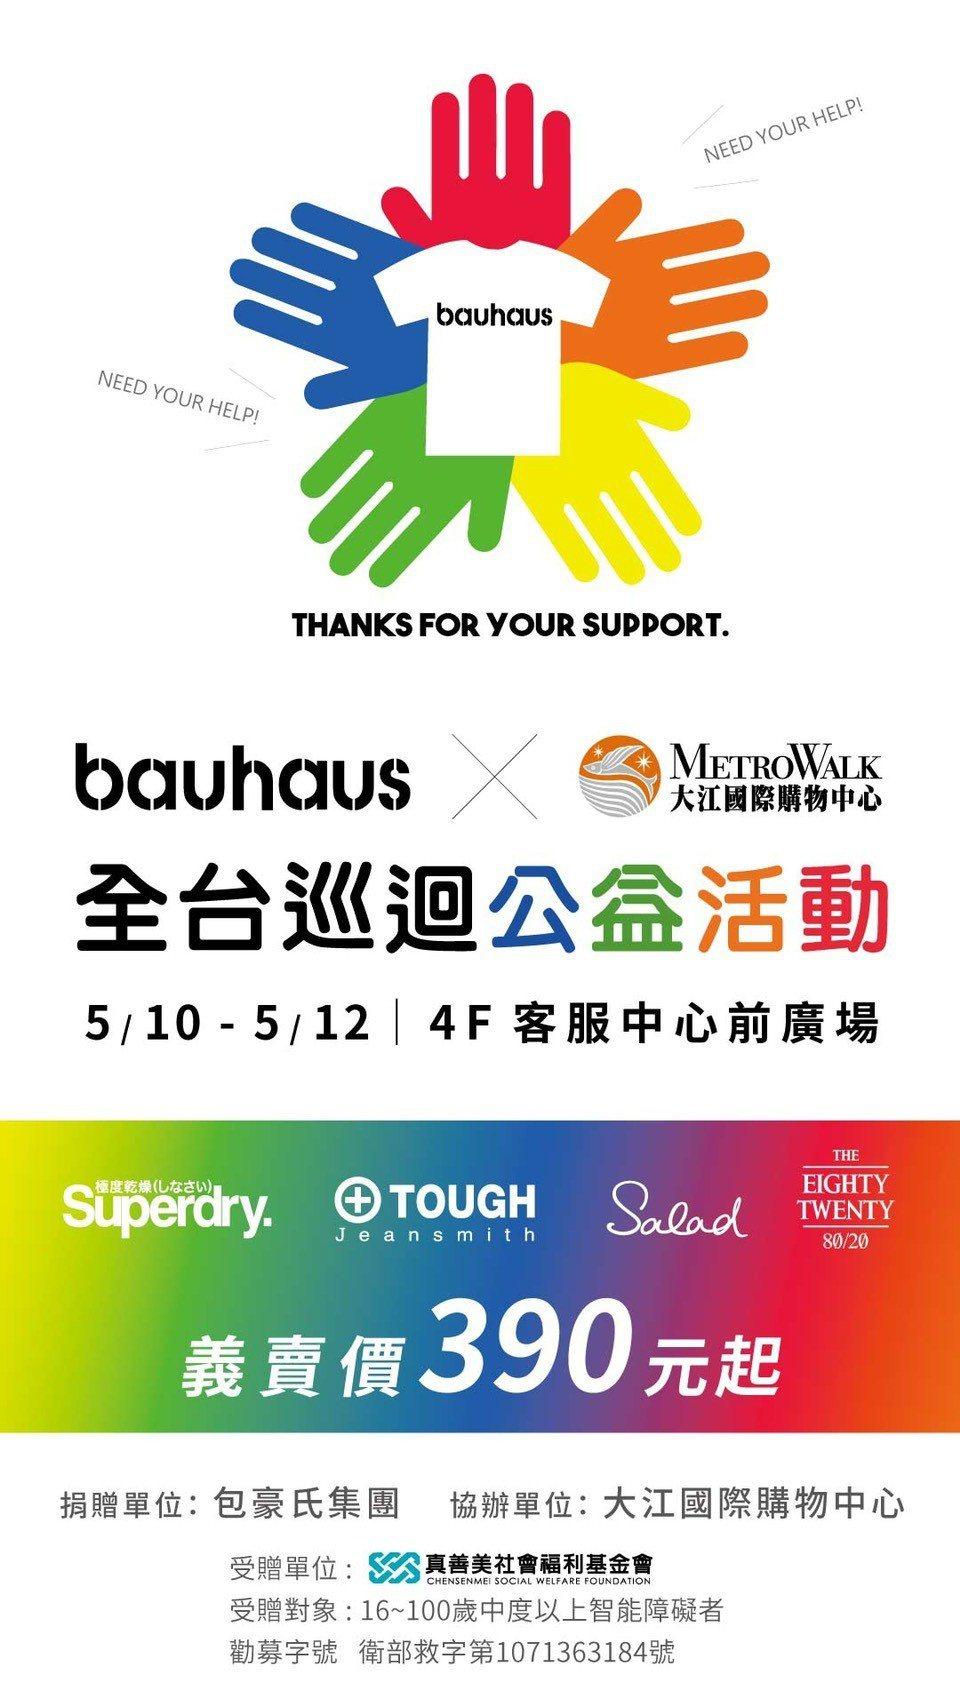 義賣活動至12日,12日下午5點有捐贈儀式。圖/中壢大江購物中心提供